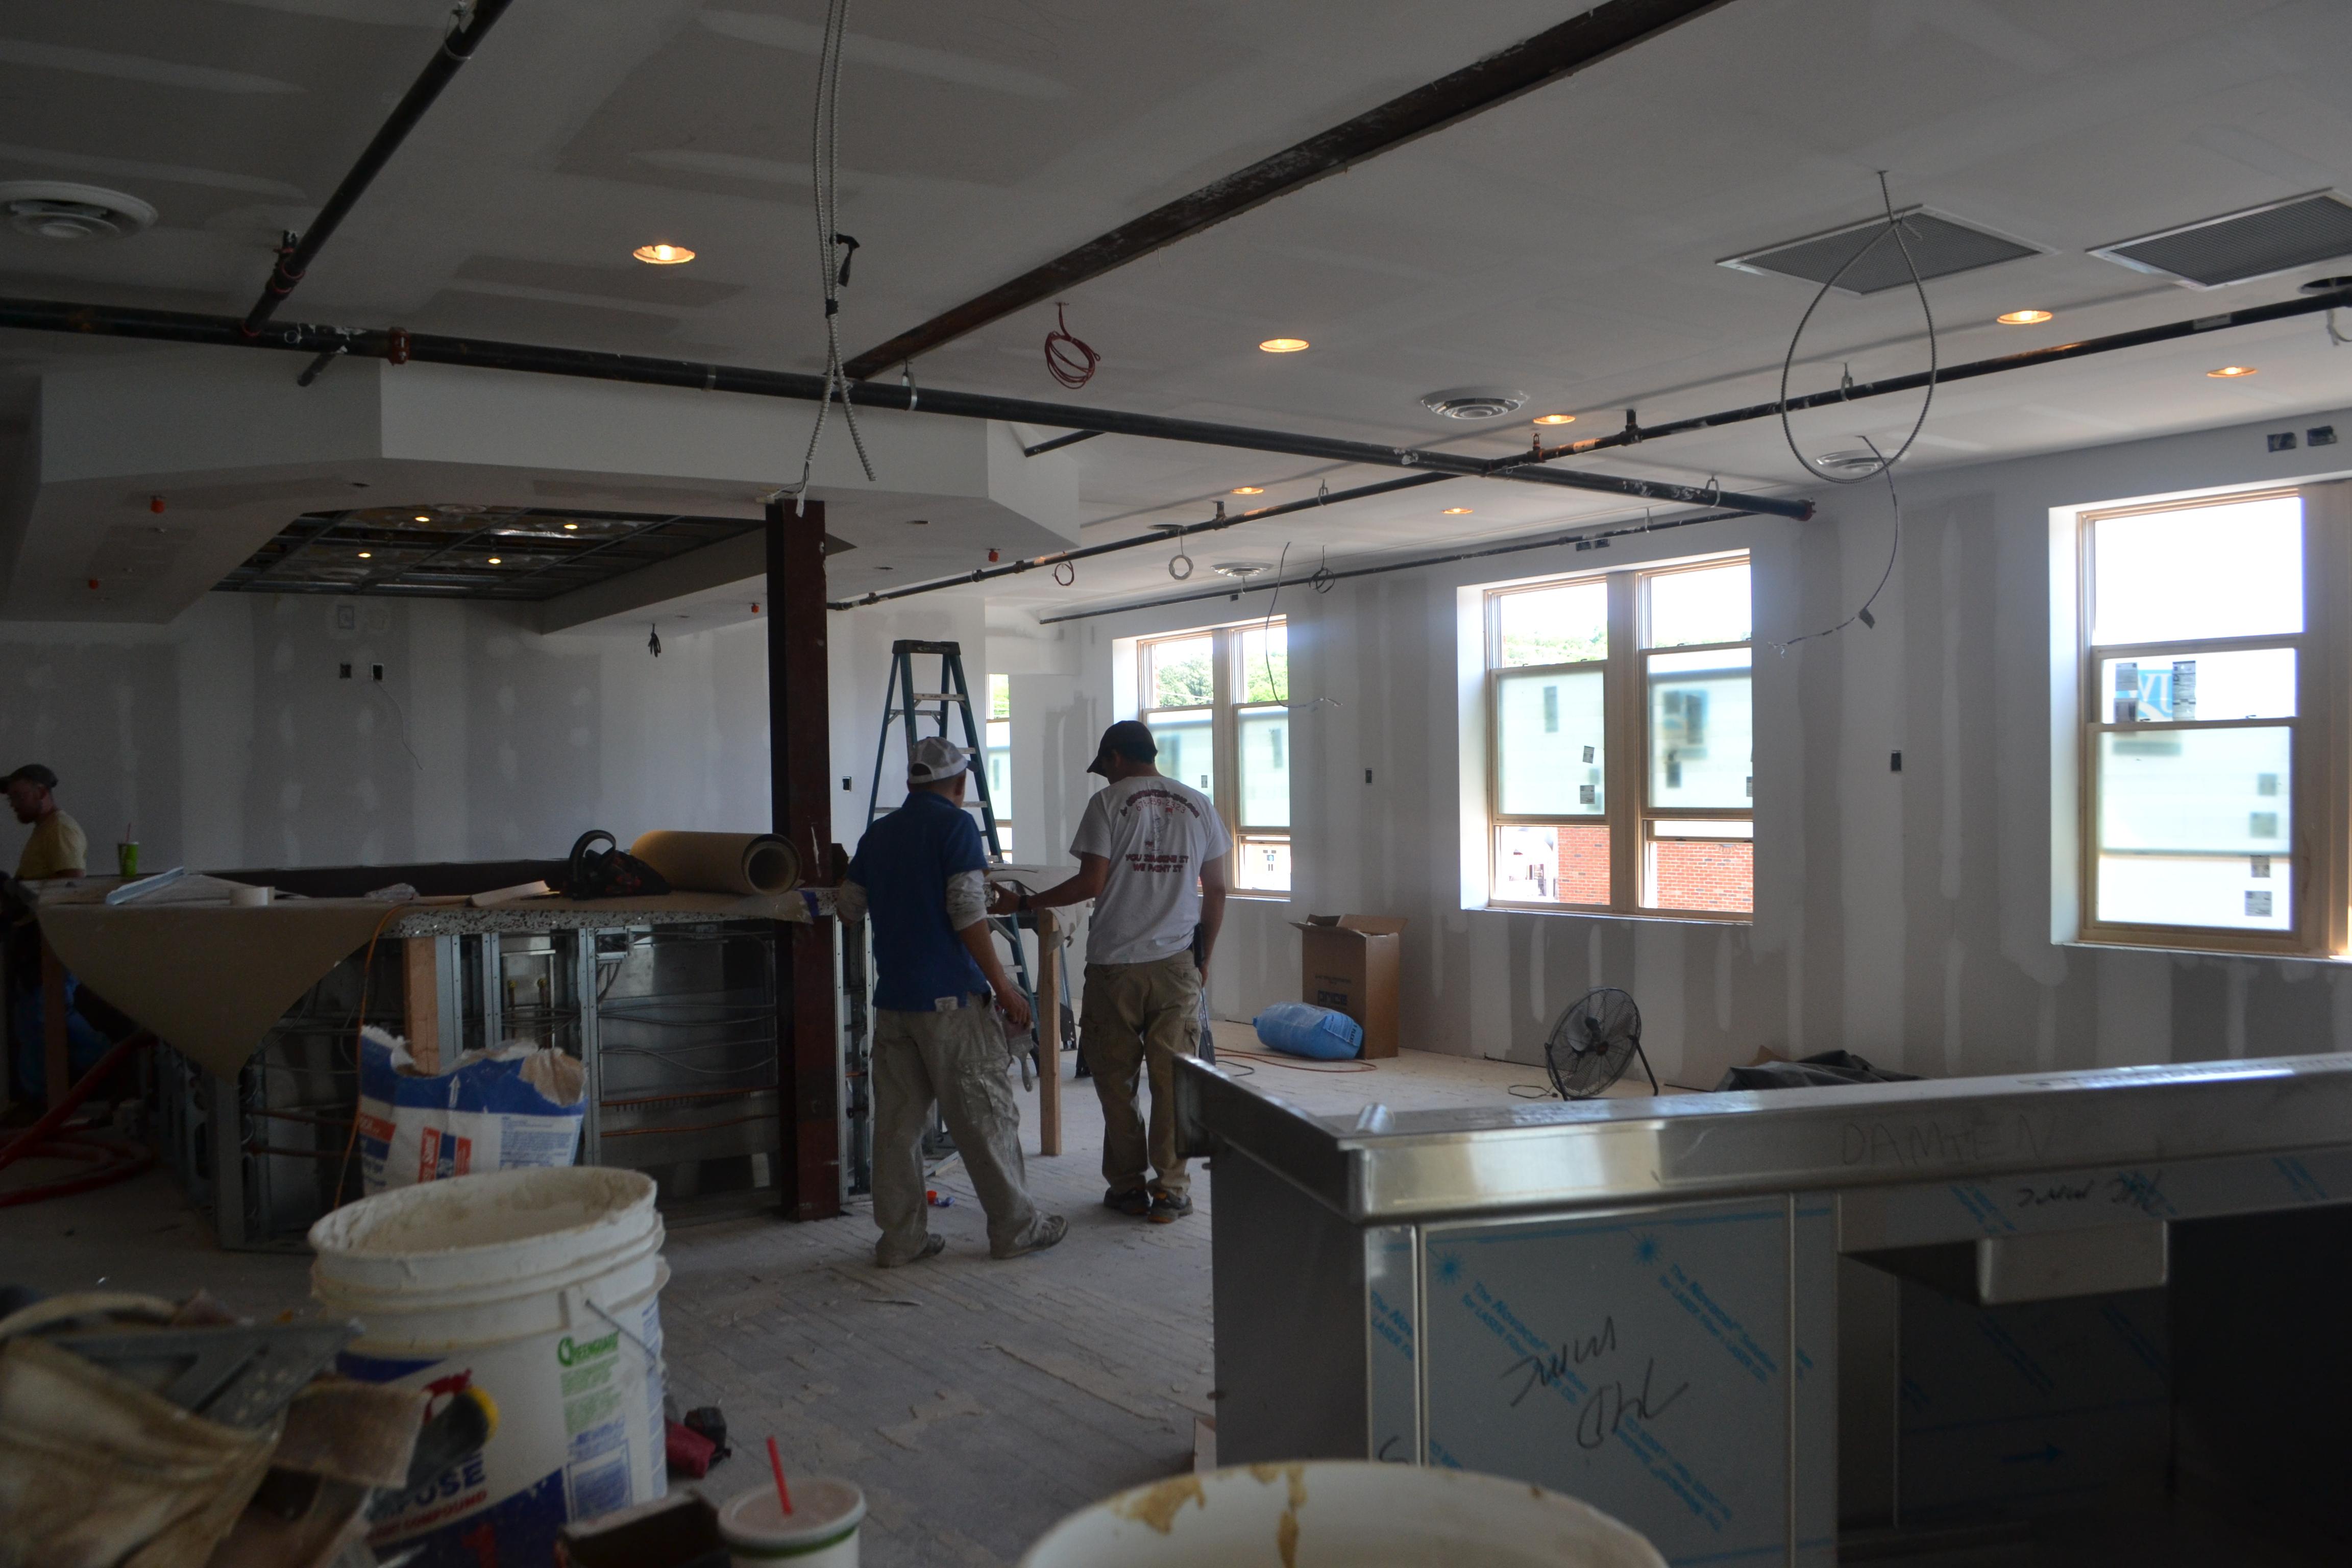 Second Floor: Before